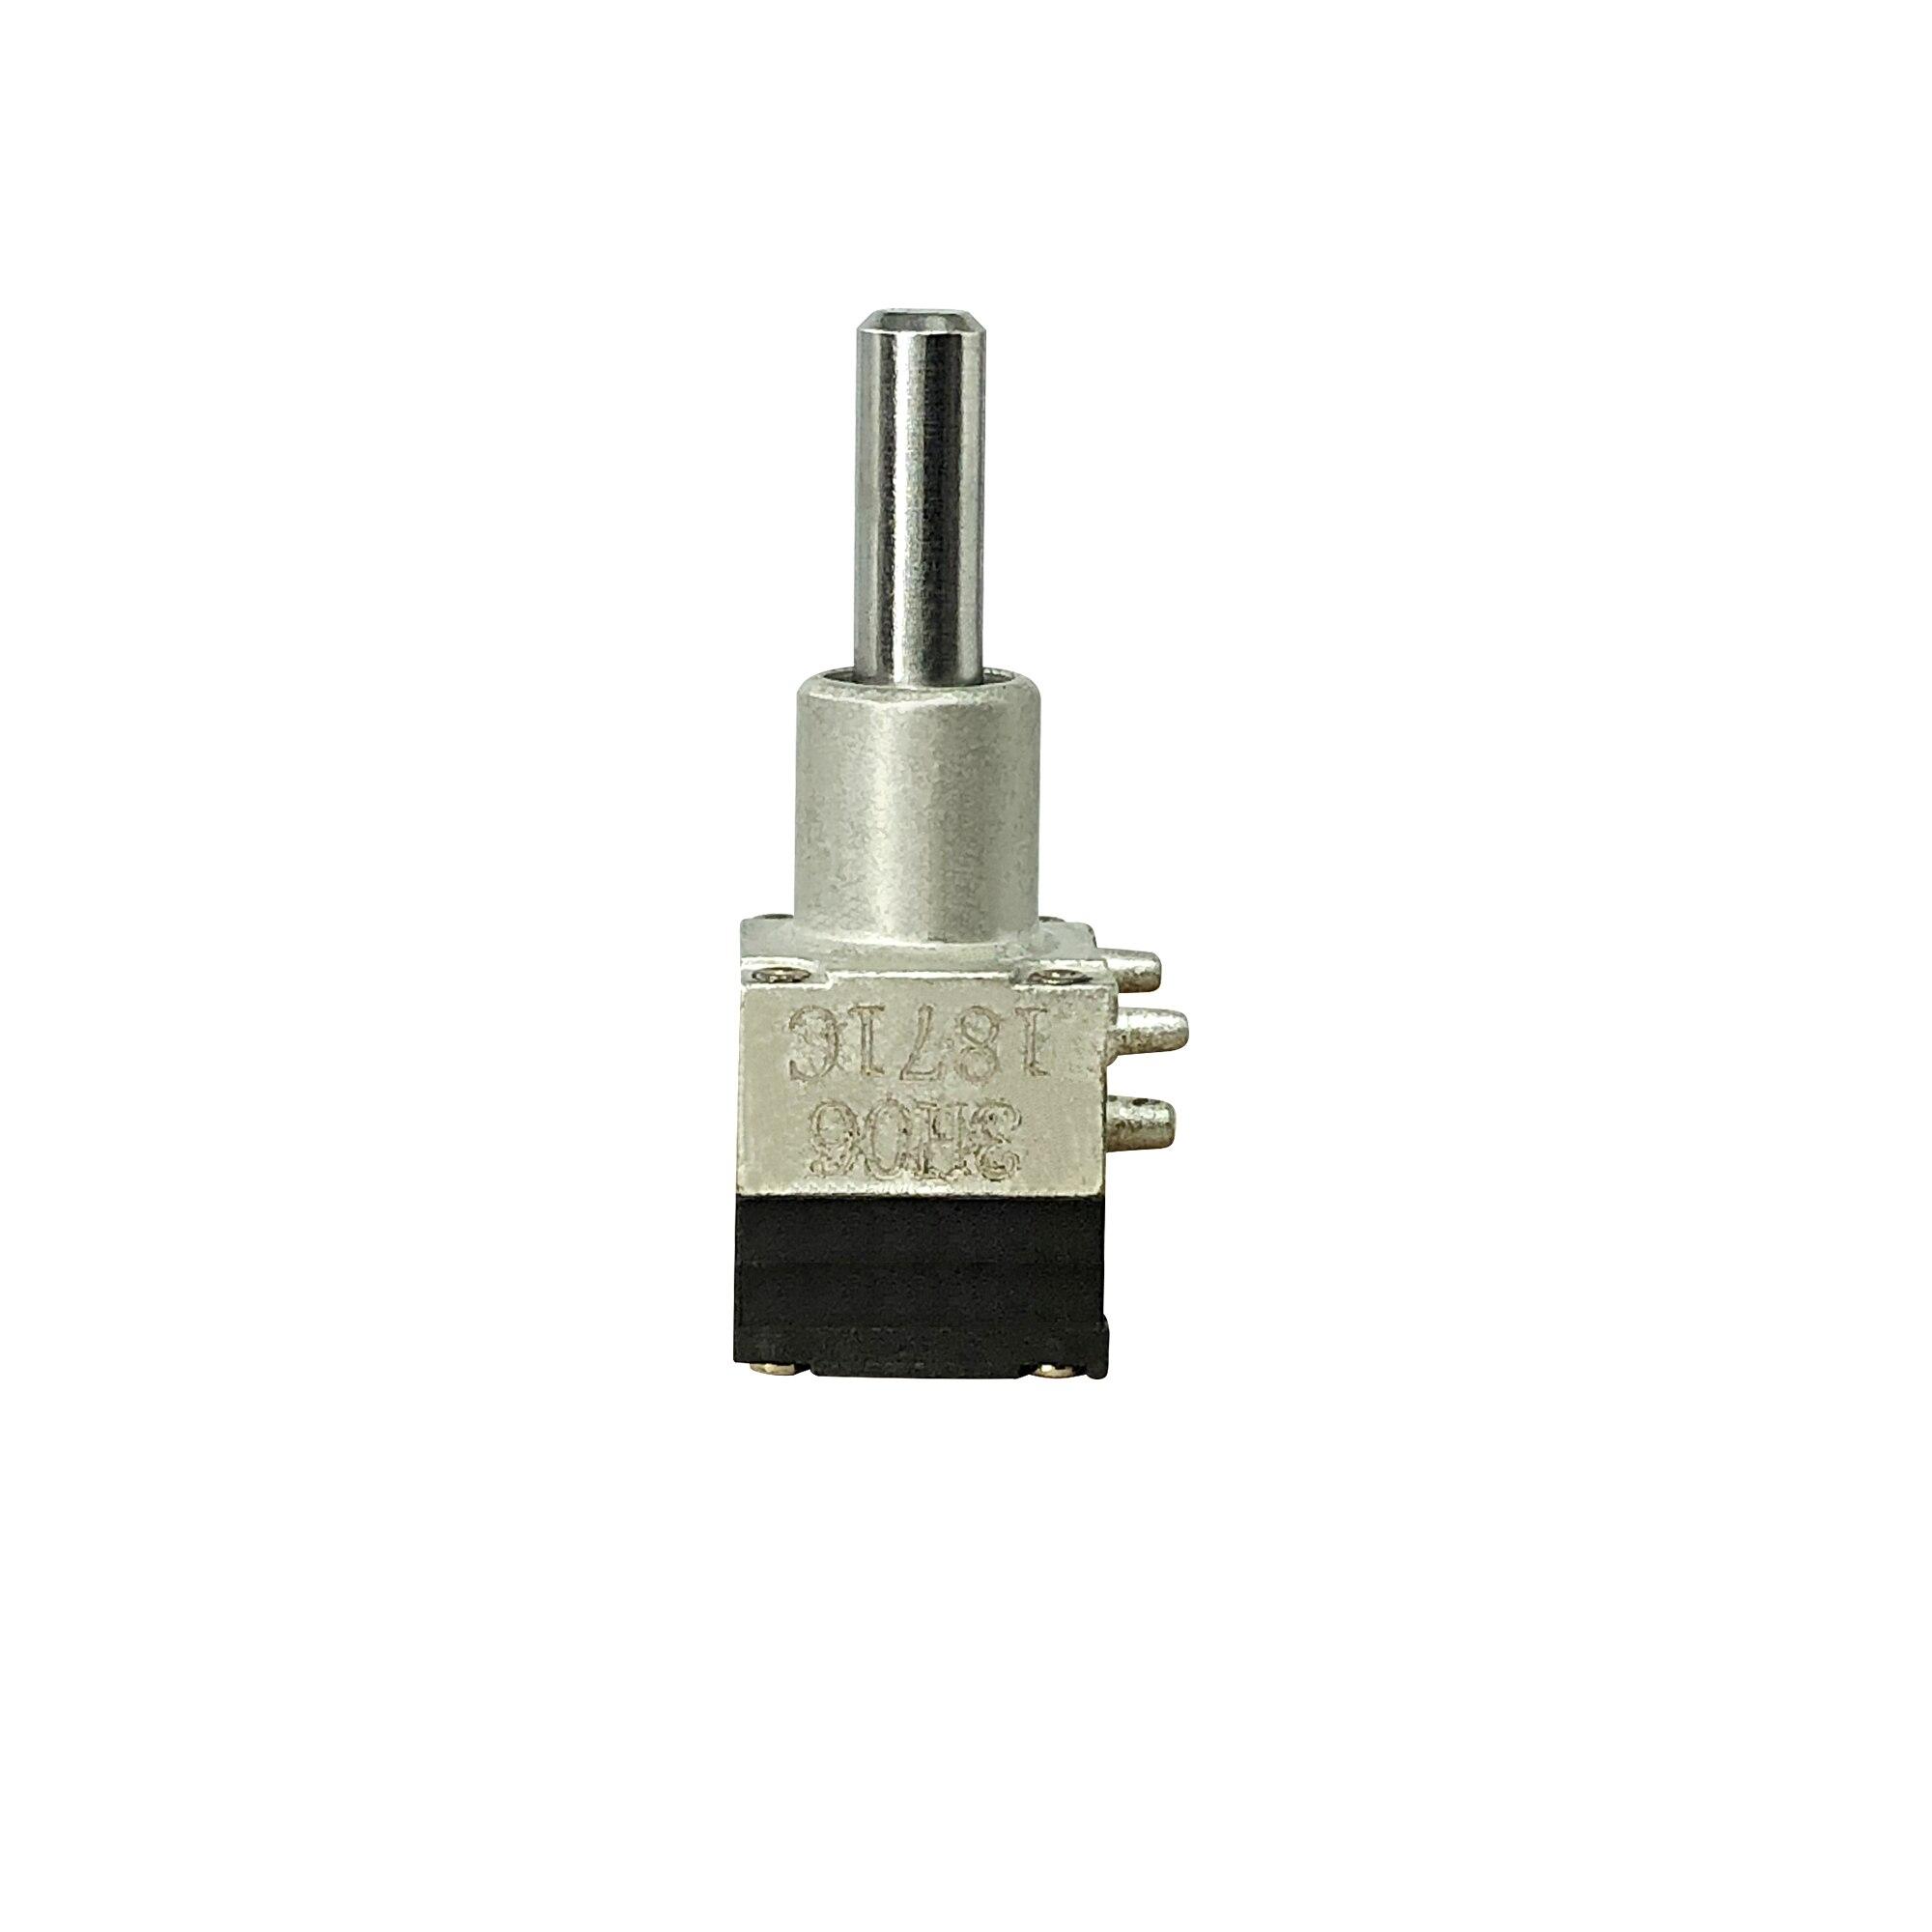 VBLL 10 pièces OEM 4015203H06 potentiomètre commutateur de contrôle de canal pour Motorola XPR6100 XPR6300 XPR6350 XPR6380 Radio